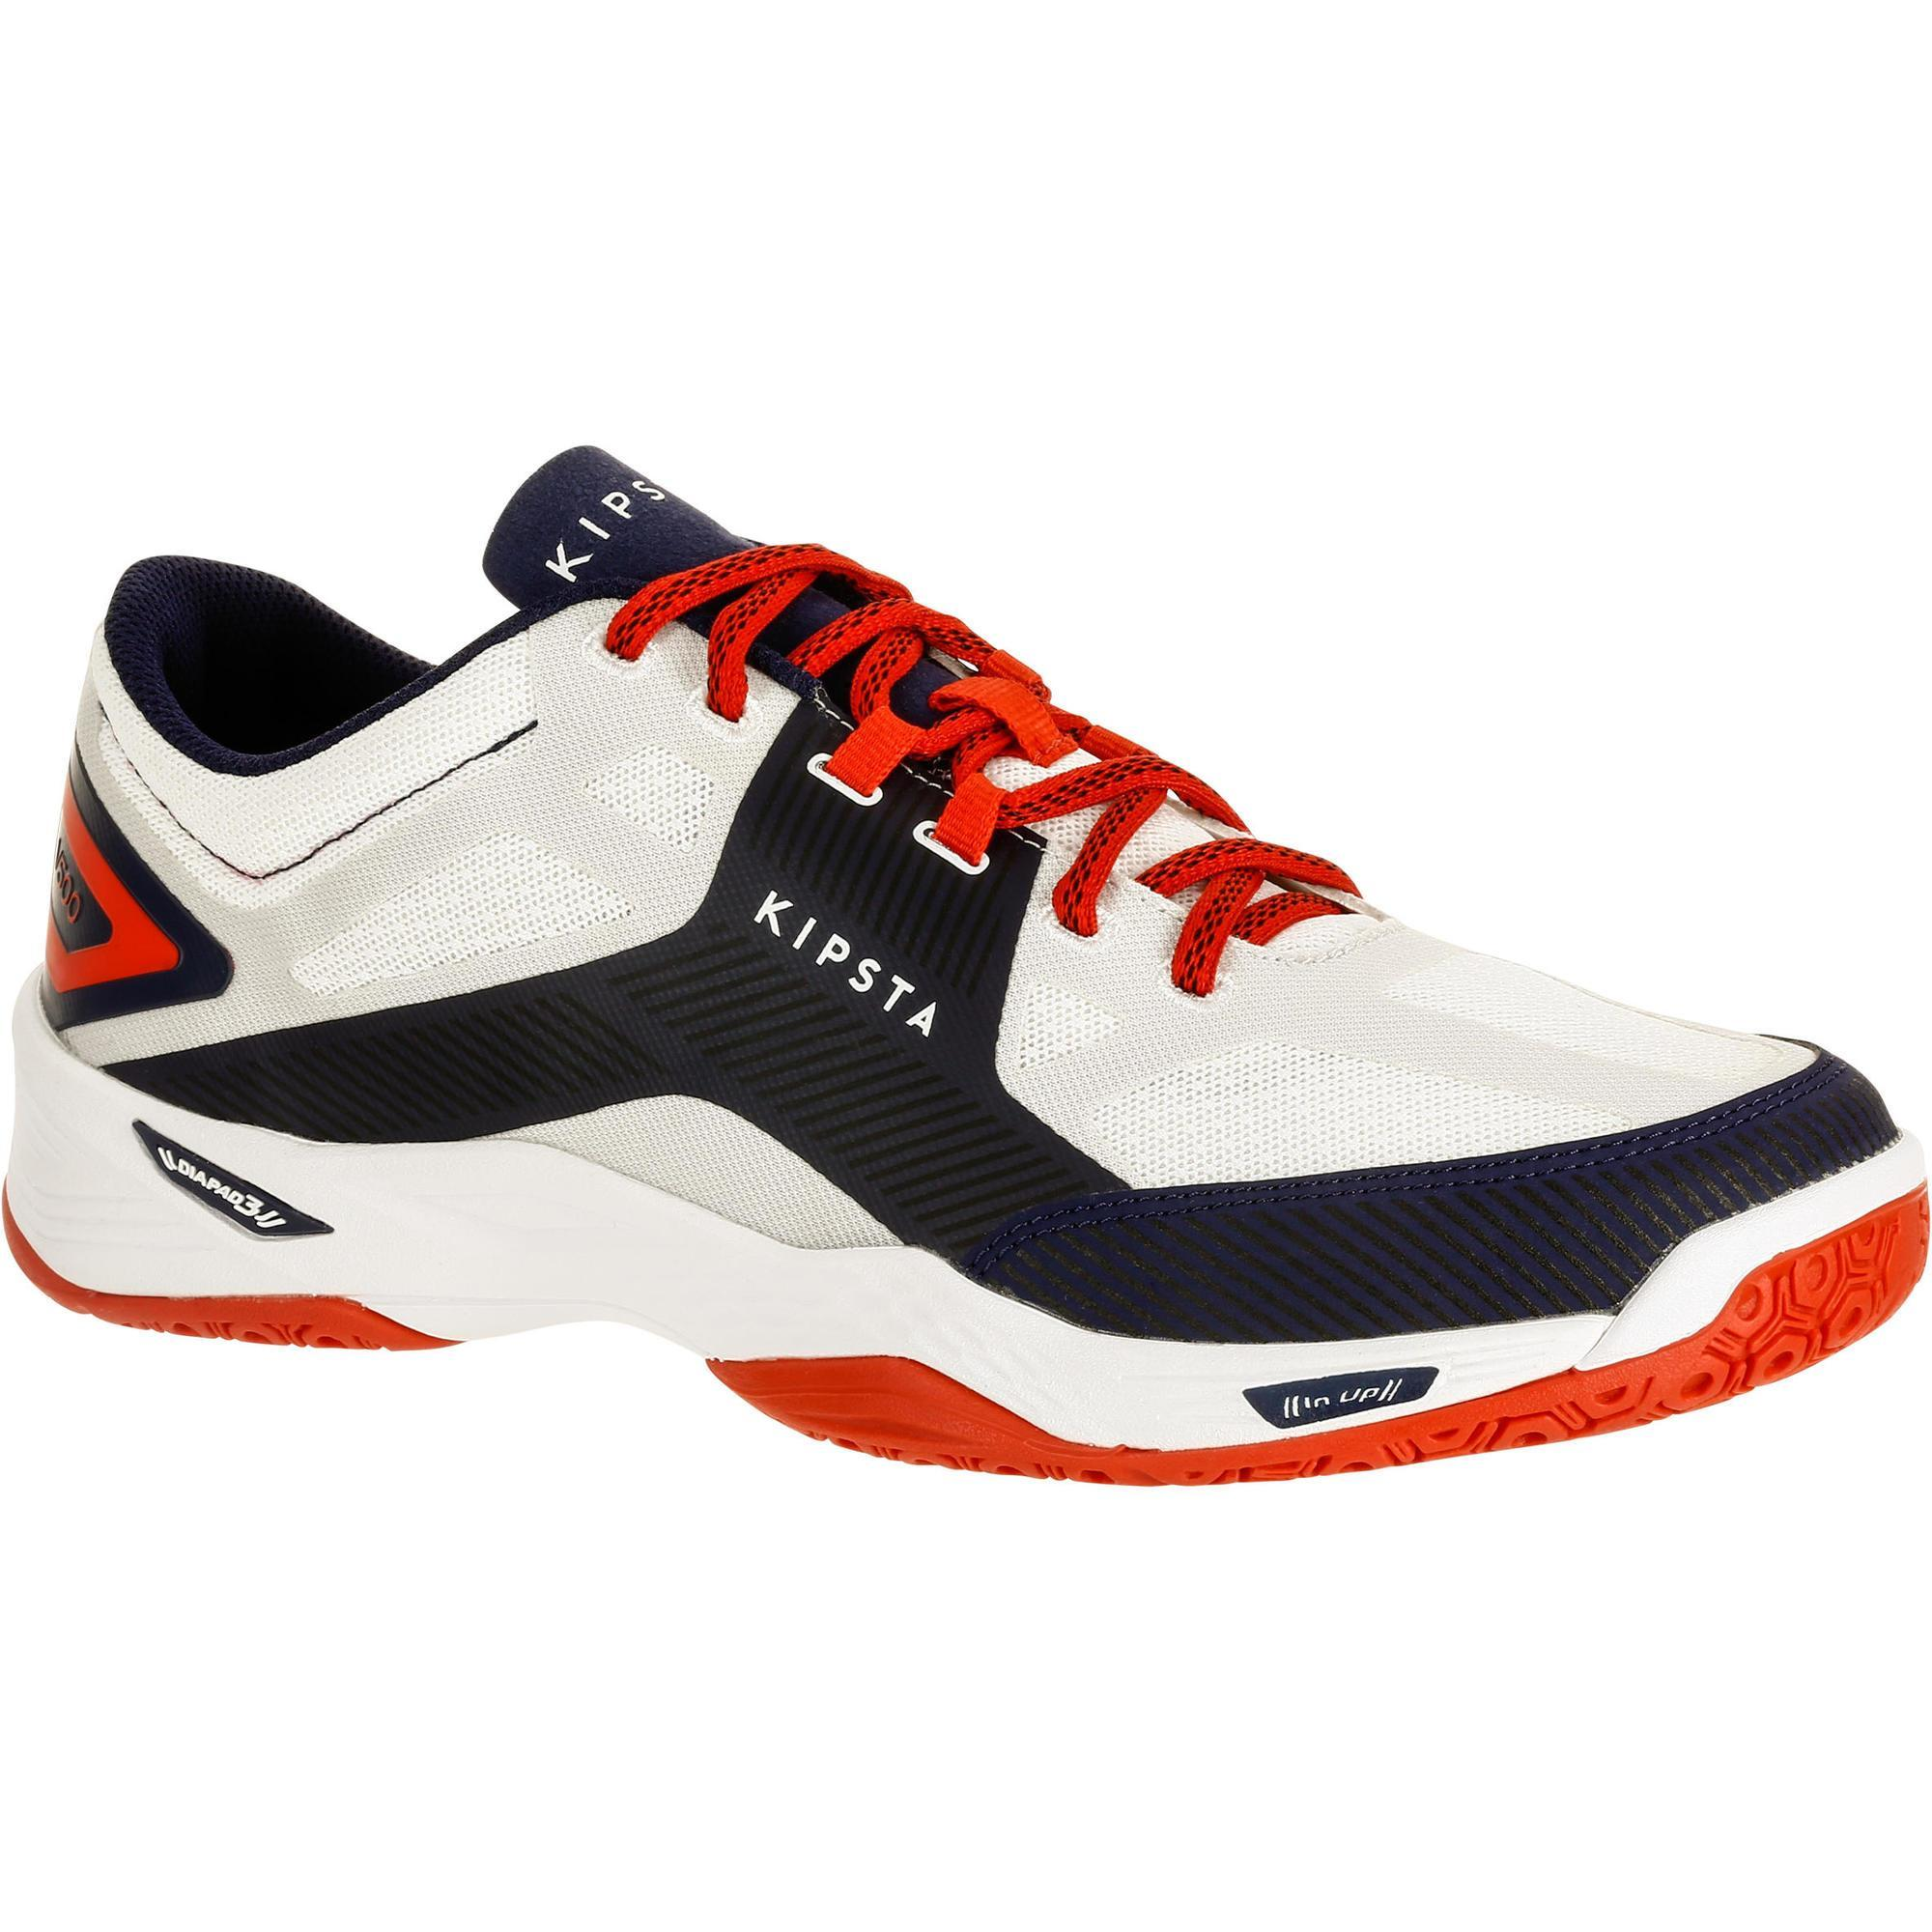 Allsix Volleybalschoenen V500 voor heren wit en blauw